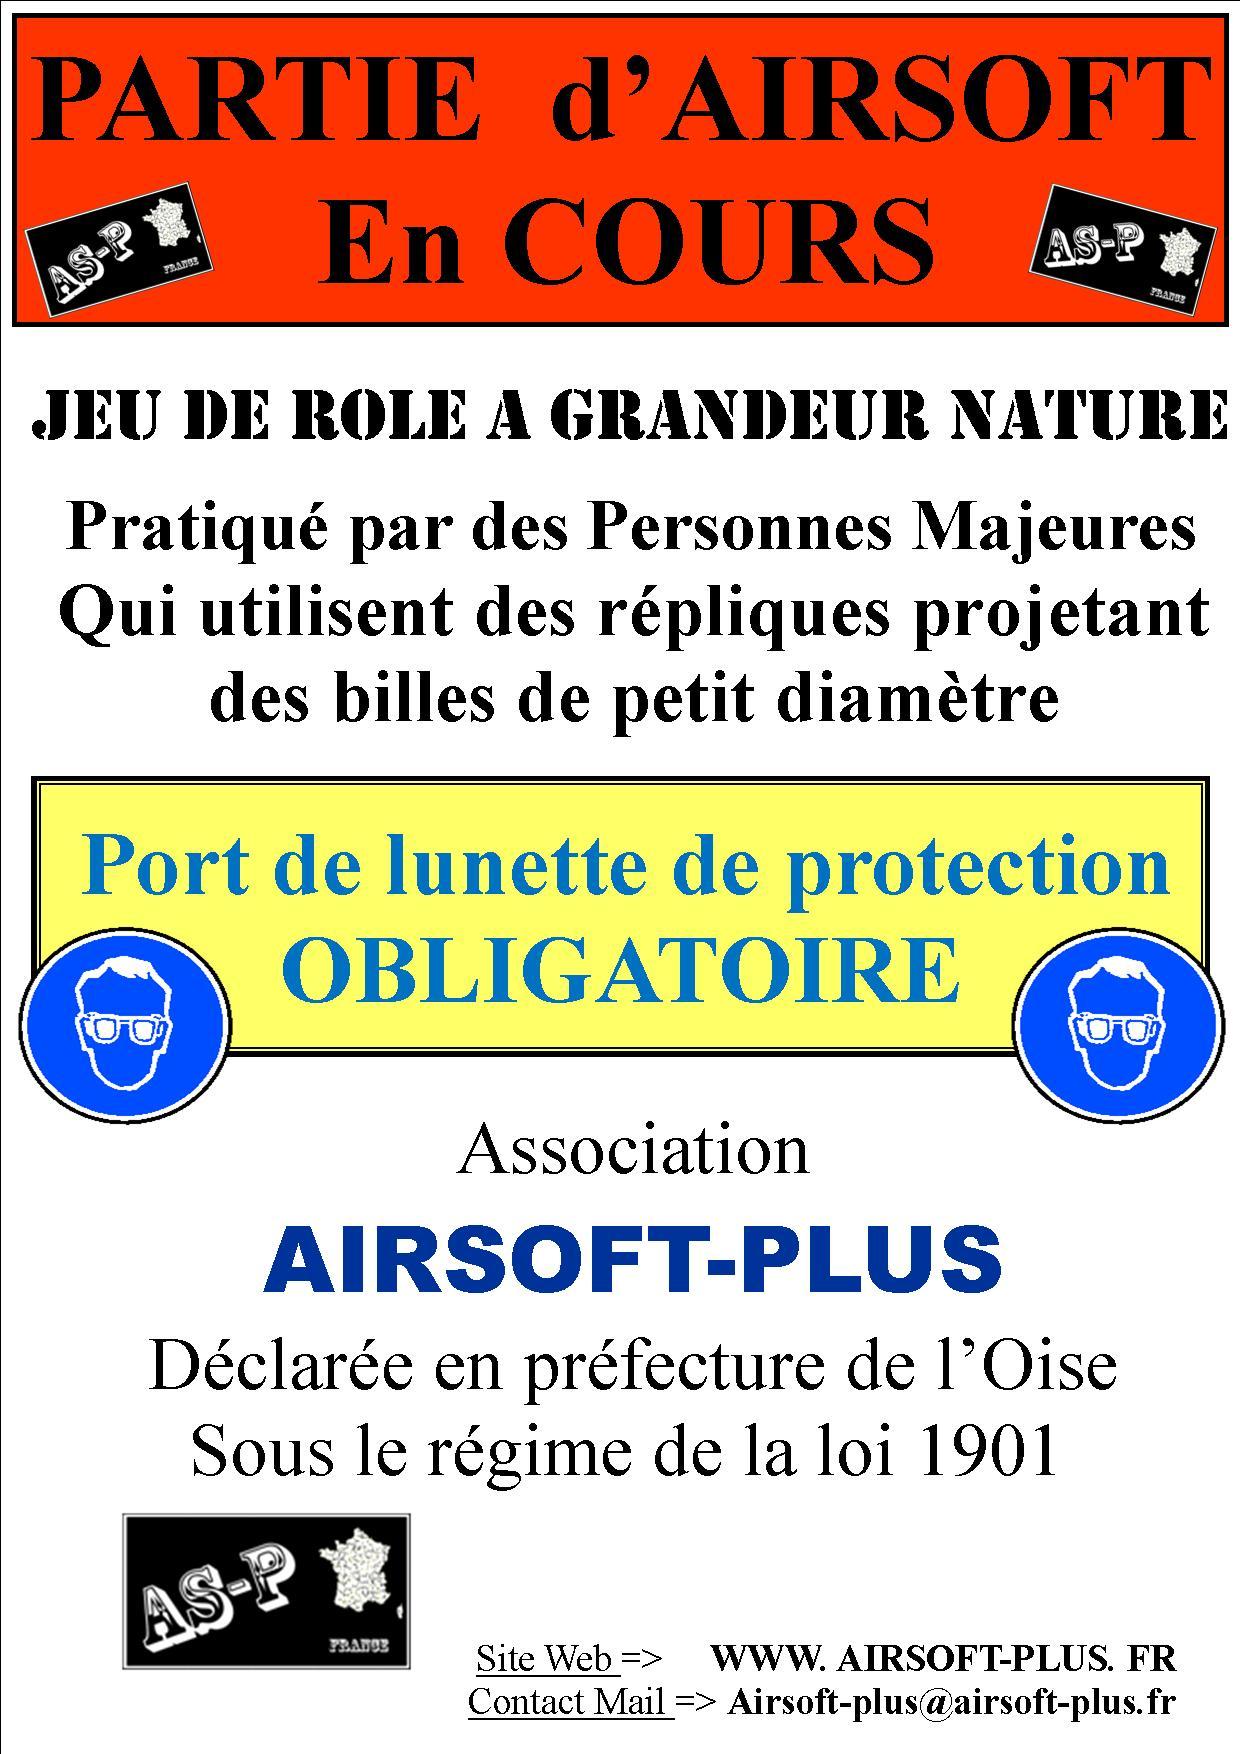 Nouveau Panneau Partie d'Airsoft en Cours 111111-3abcecf